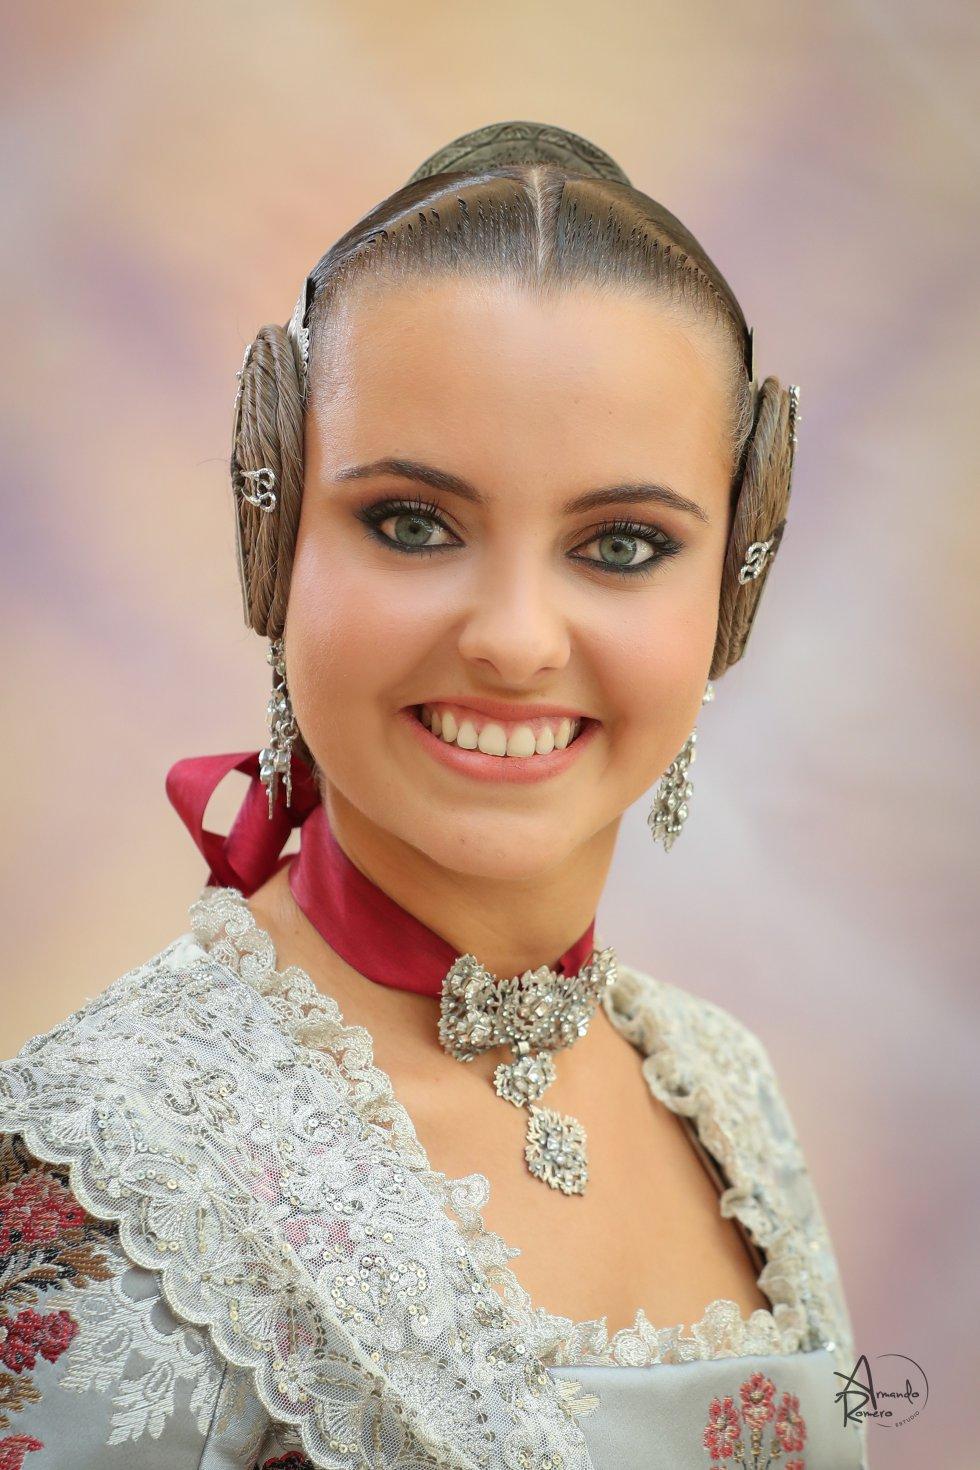 Anna Adela Dugann Capuz - Falla Almirant Cadarso-Comte D'Altea